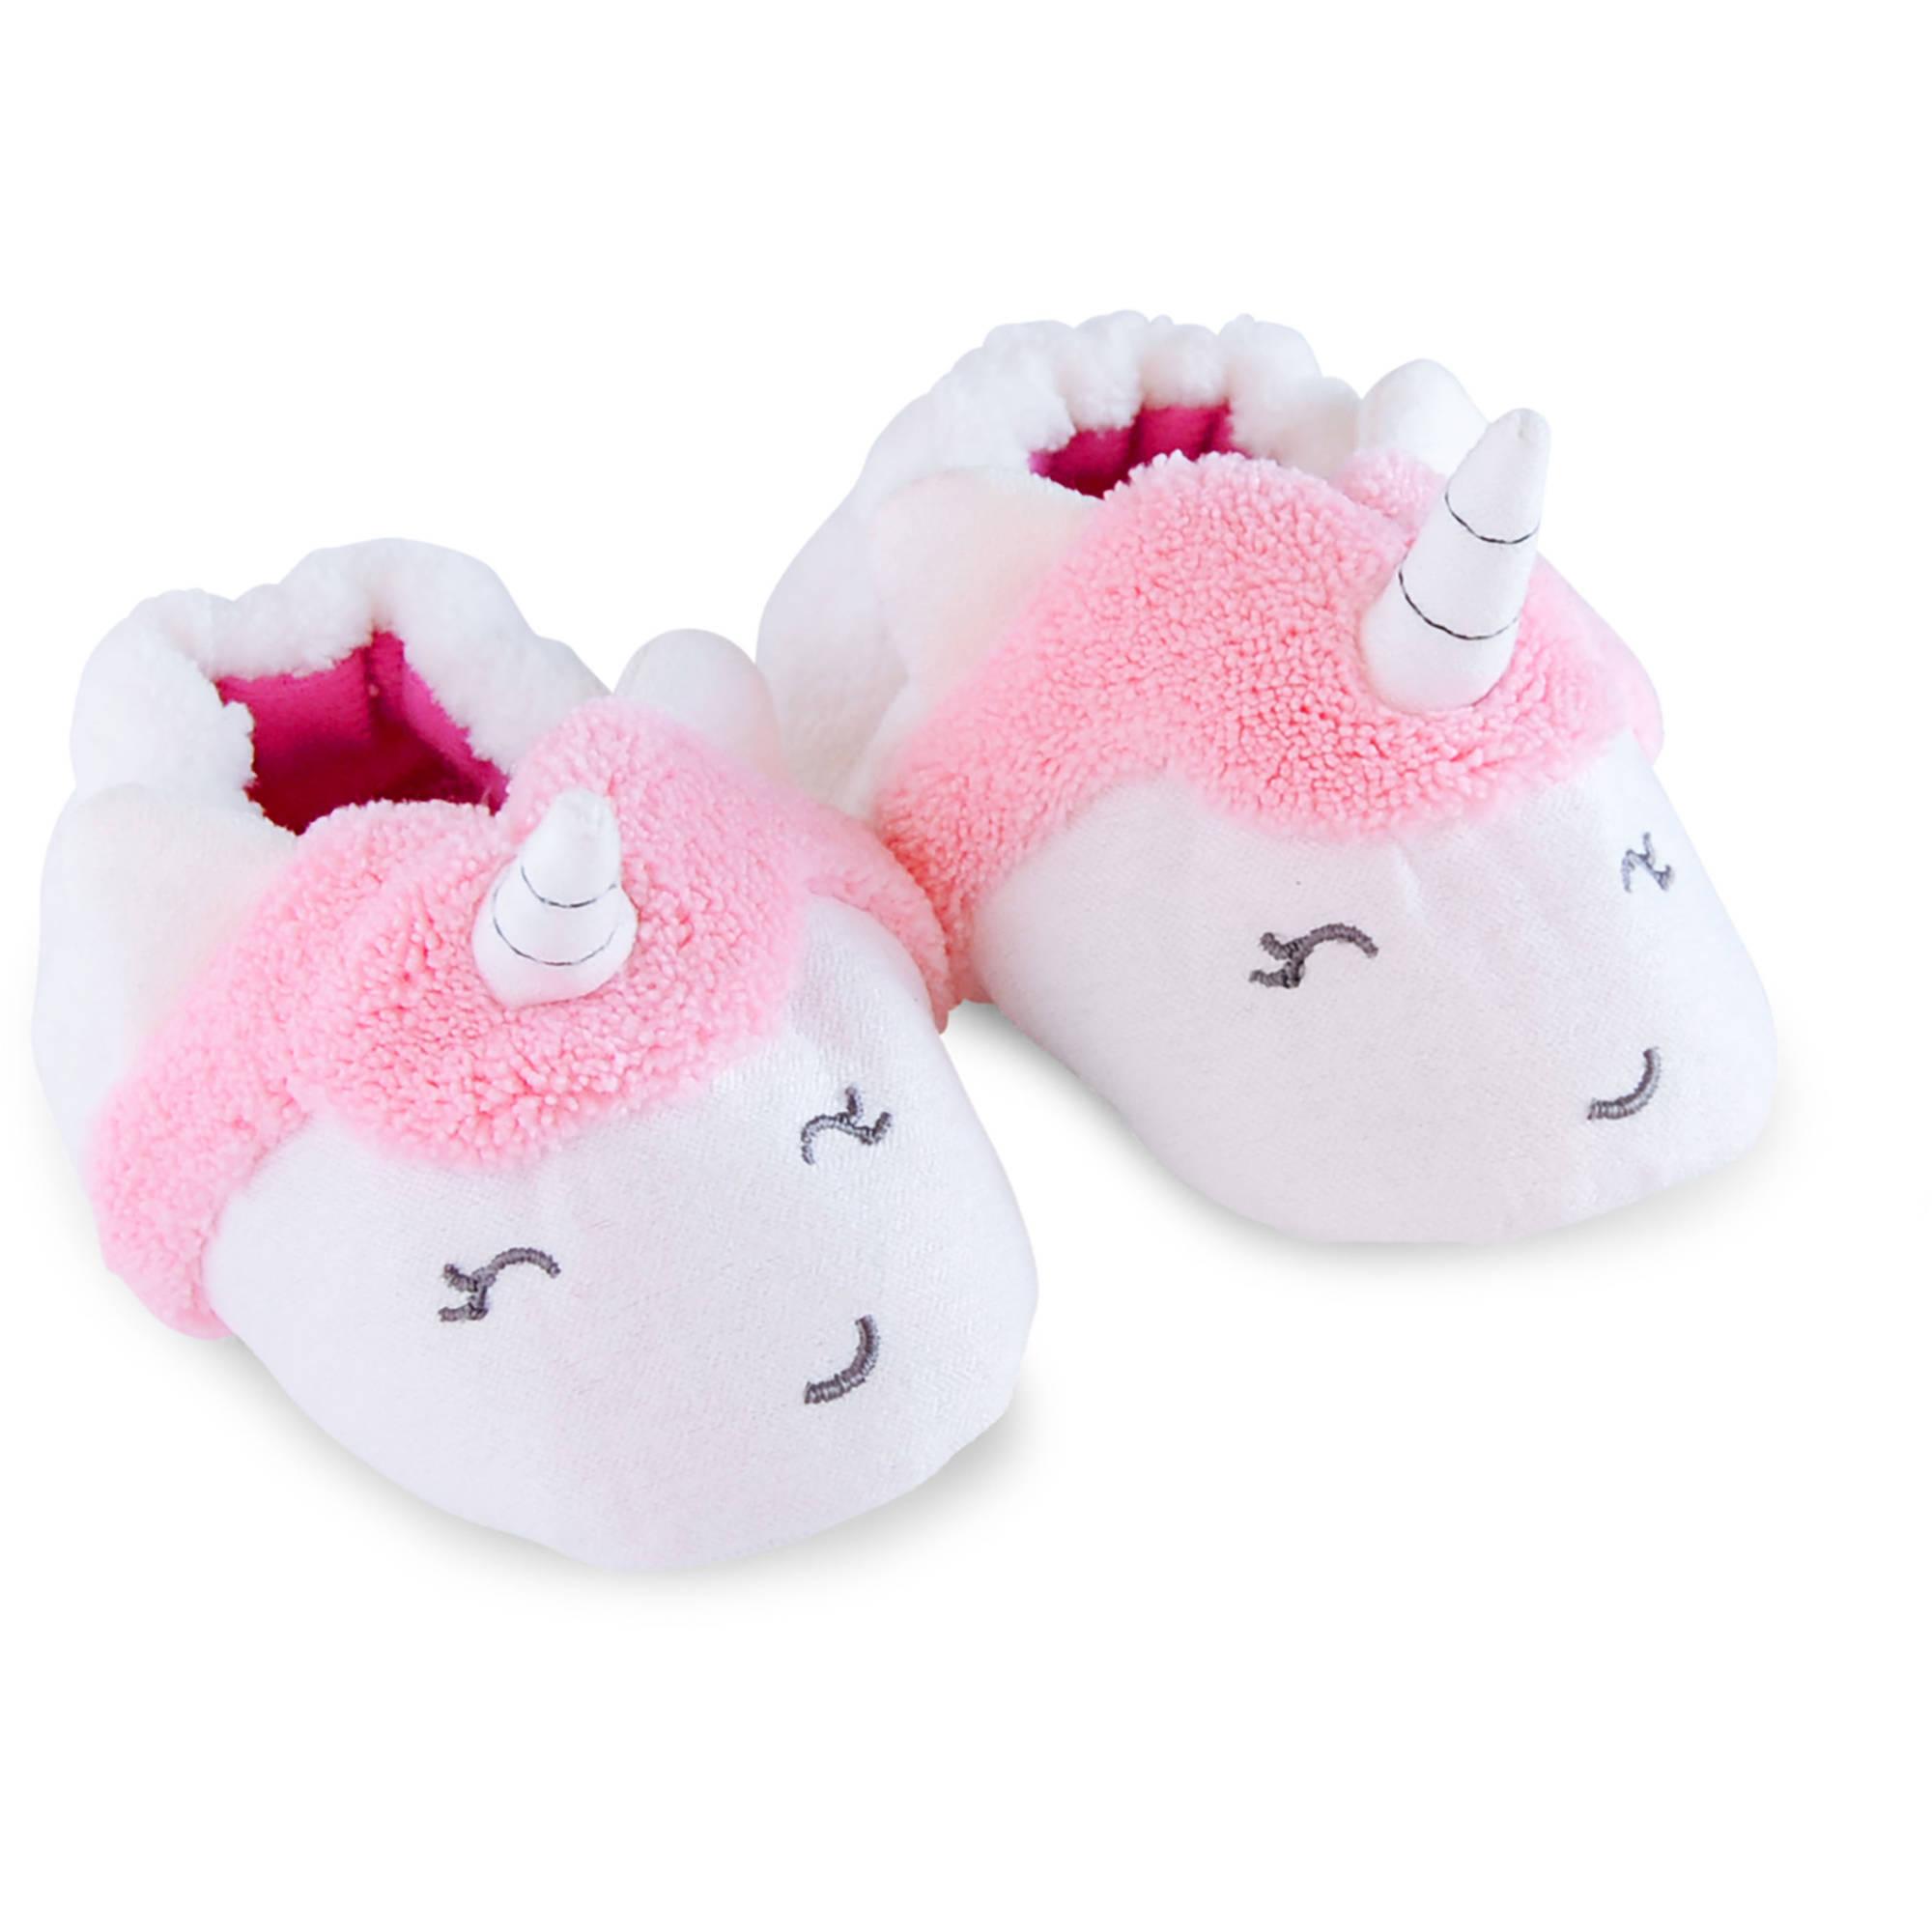 Newborn Baby Girl Unicorn Slippers, NB